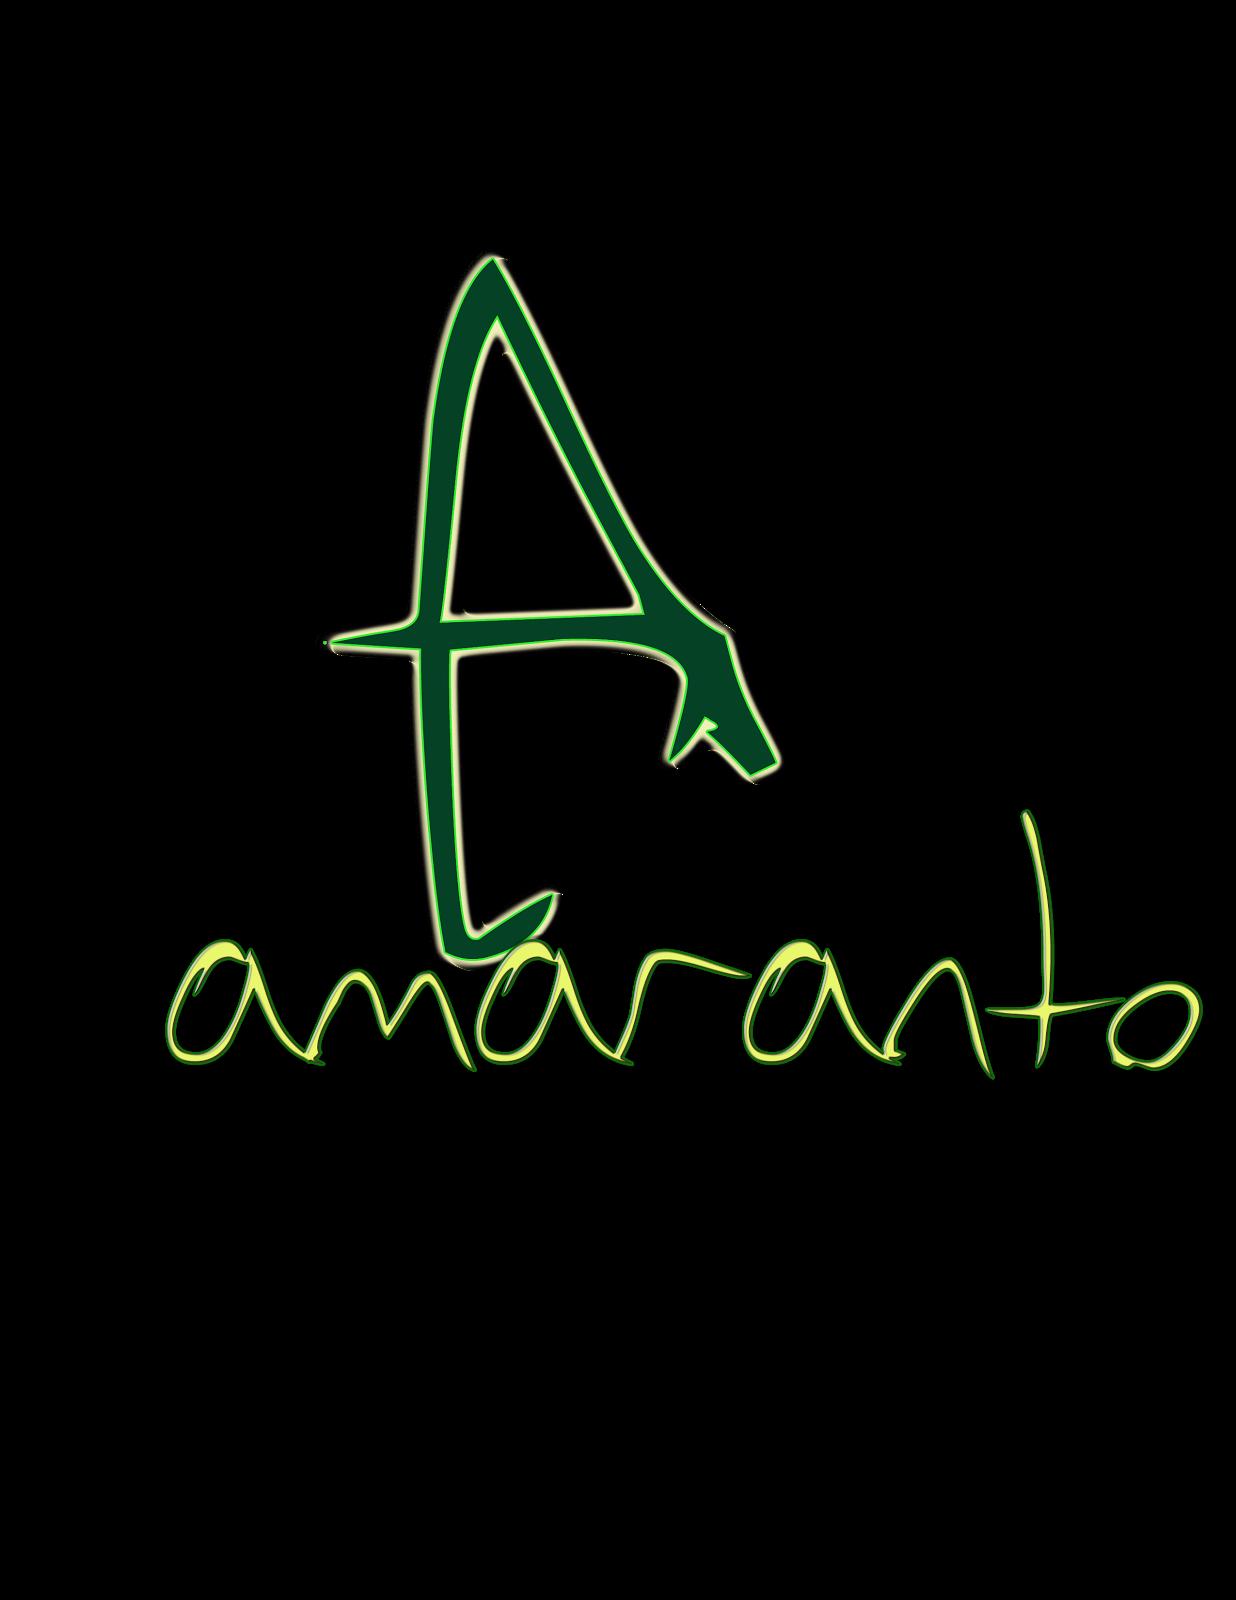 CAFÉ AMARANTO